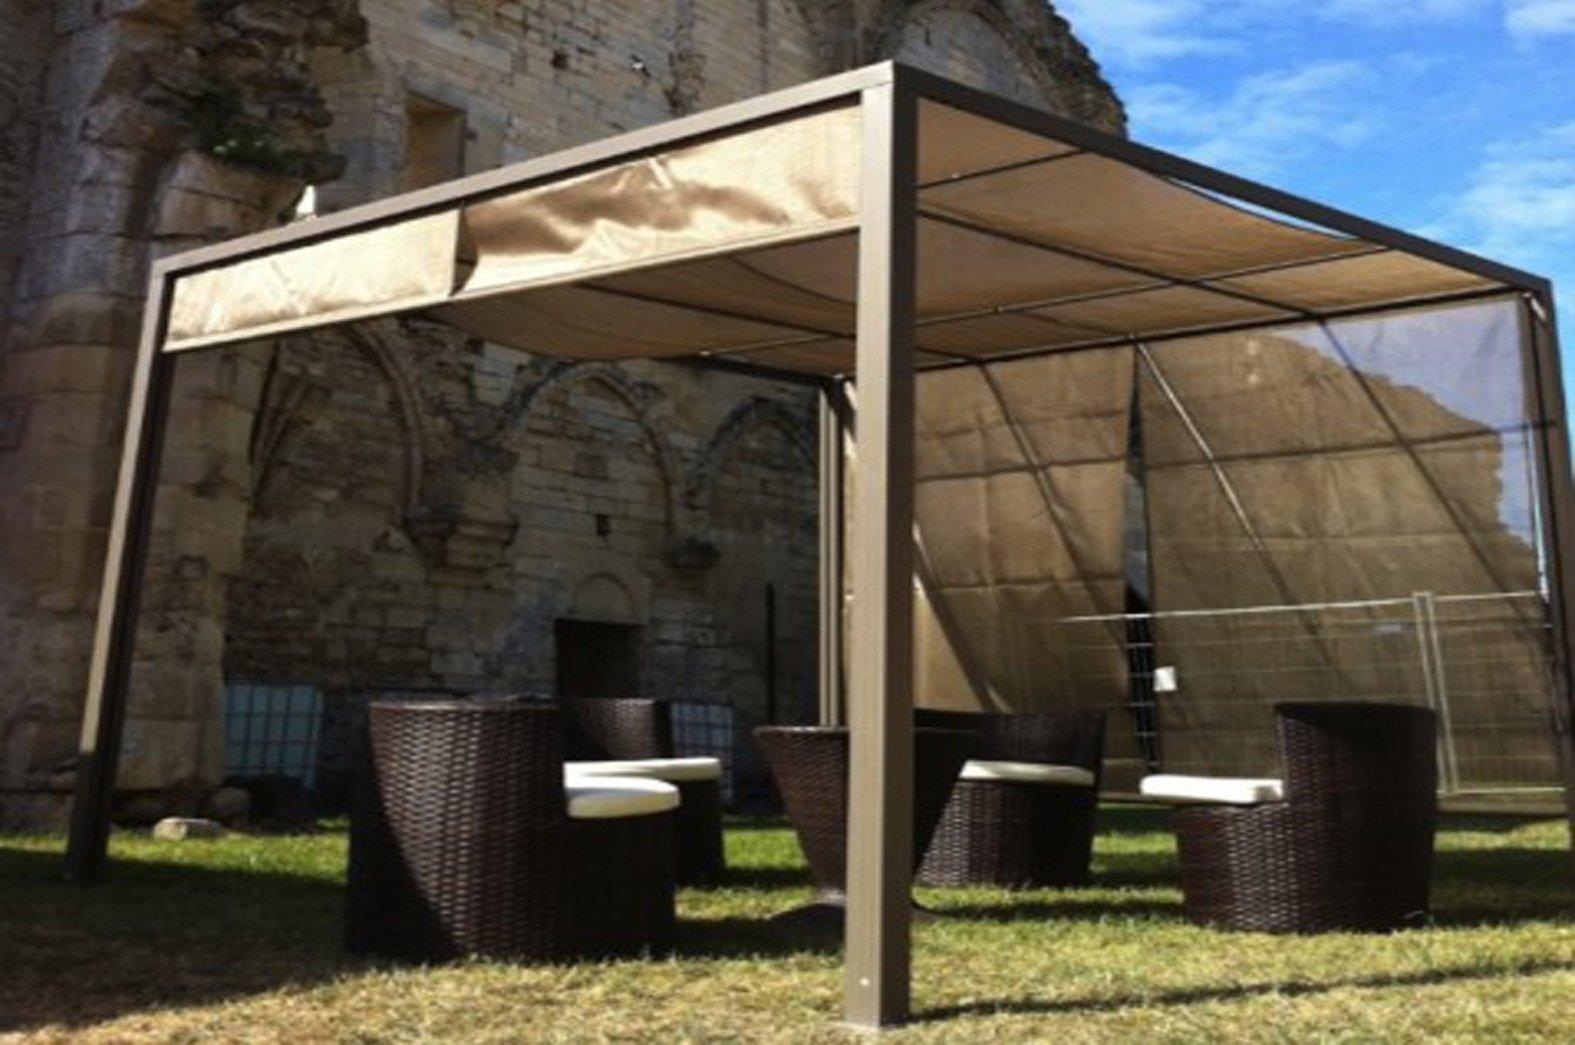 Provence Outillage-Pérgola-Dcb grupo: Amazon.es: Jardín